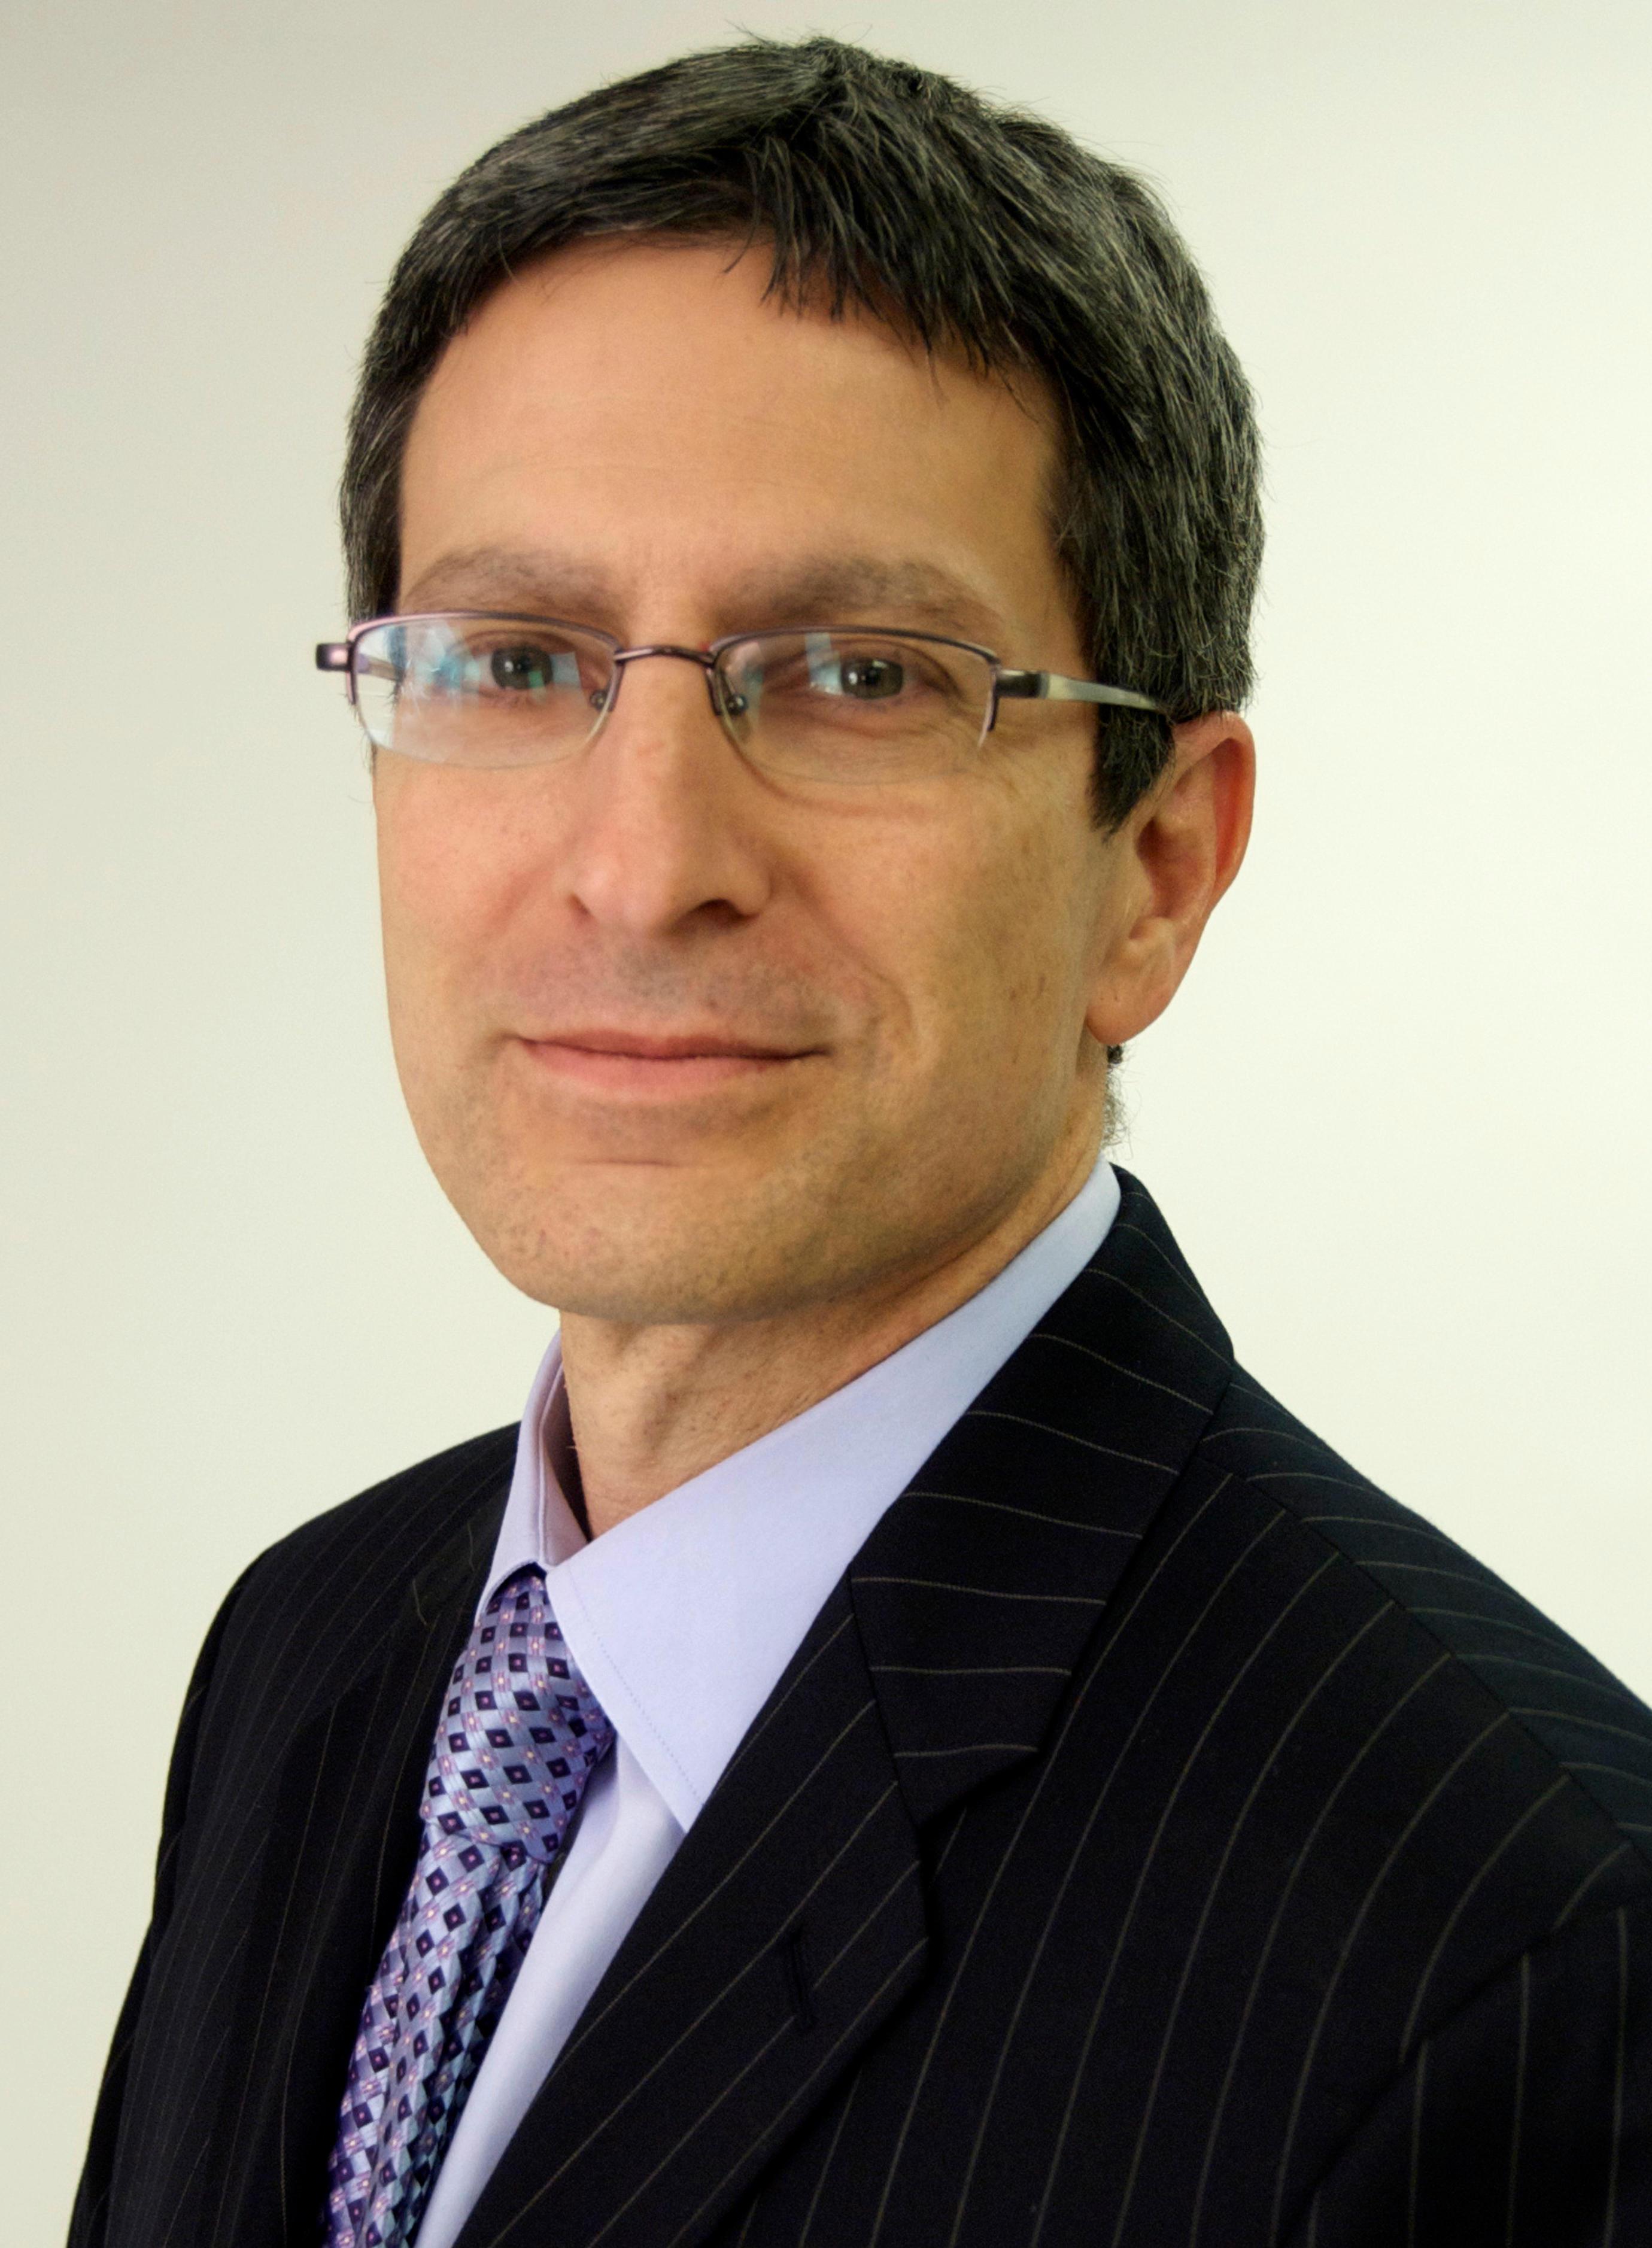 Cardiologist in NY East Meadow 11554 Albert Schenone, DO 30 Newbridge Rd Ste 200 (516)877-2626